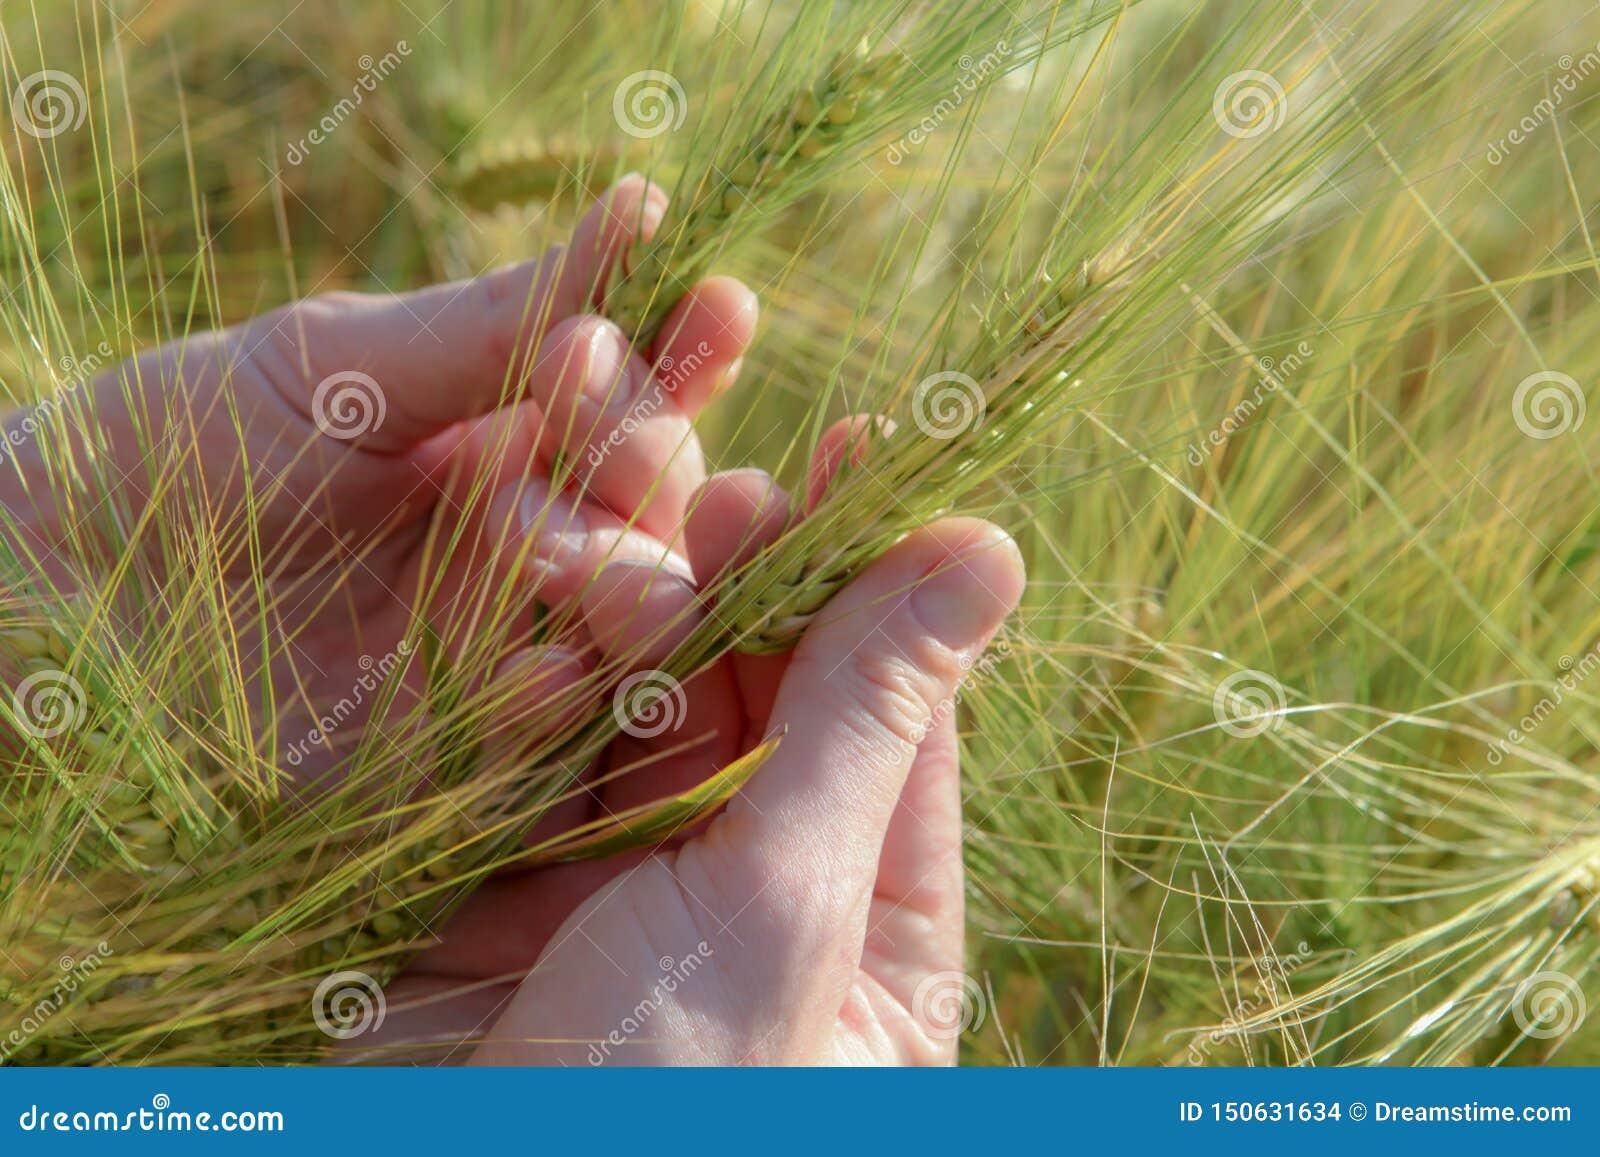 Spikelets av vete i hand, på ett klart fält